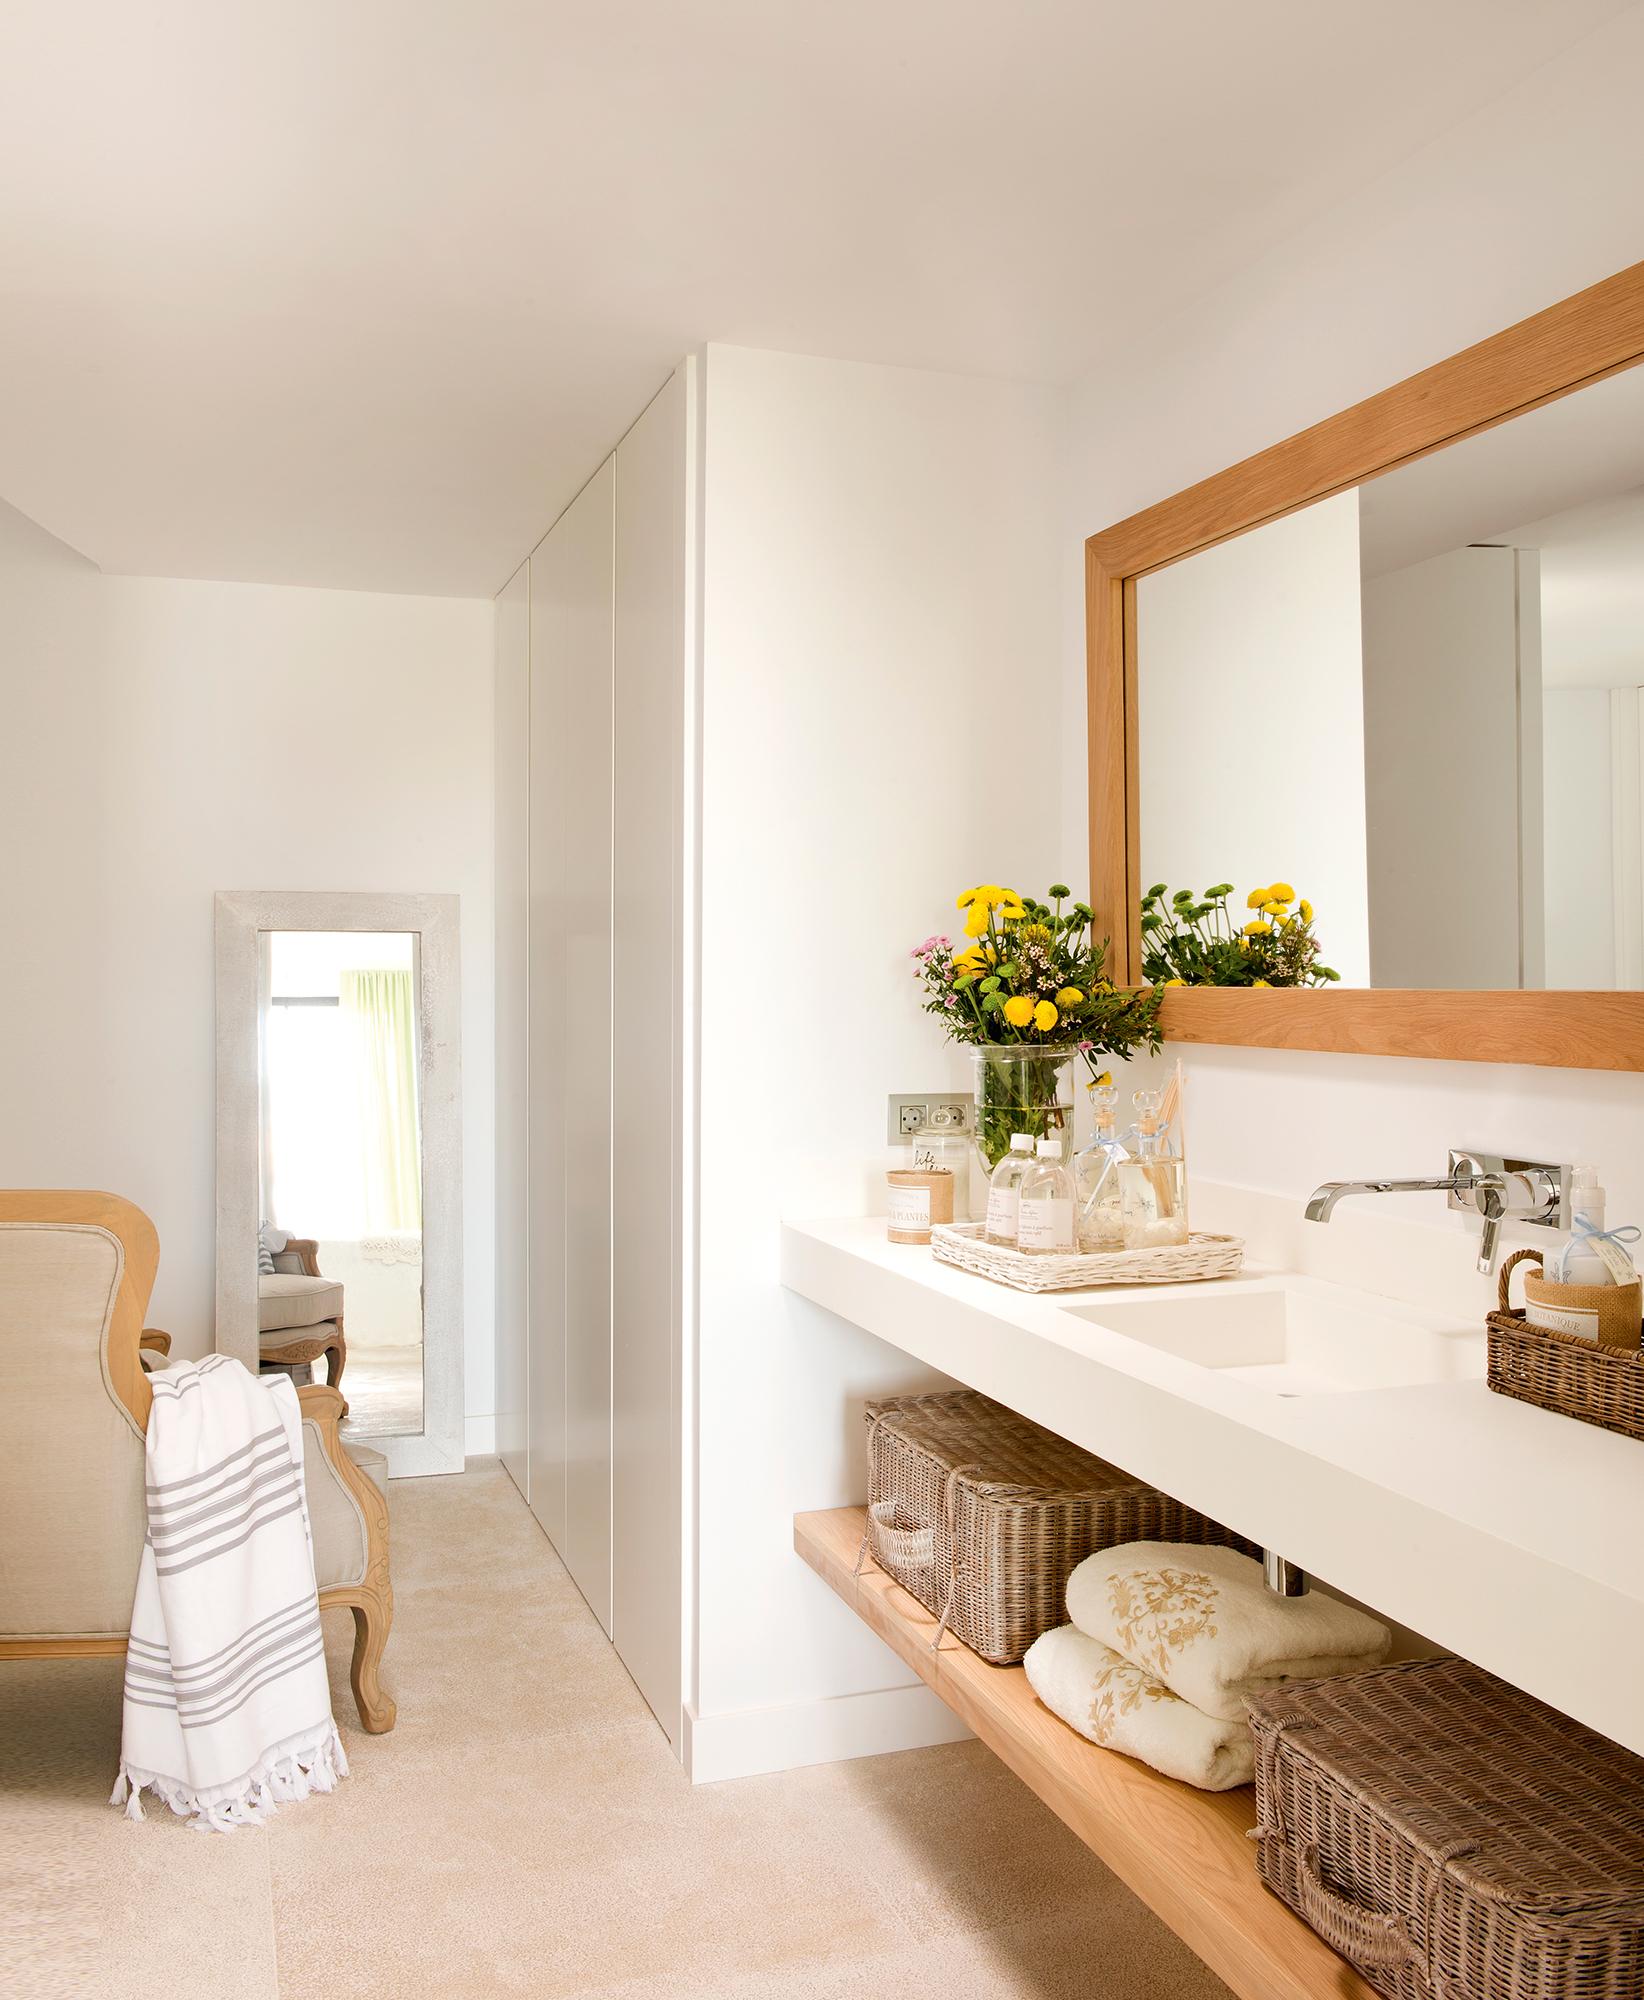 Armarios roperos armarios de cocina y armarios de ba o - Armario cuarto de bano ...